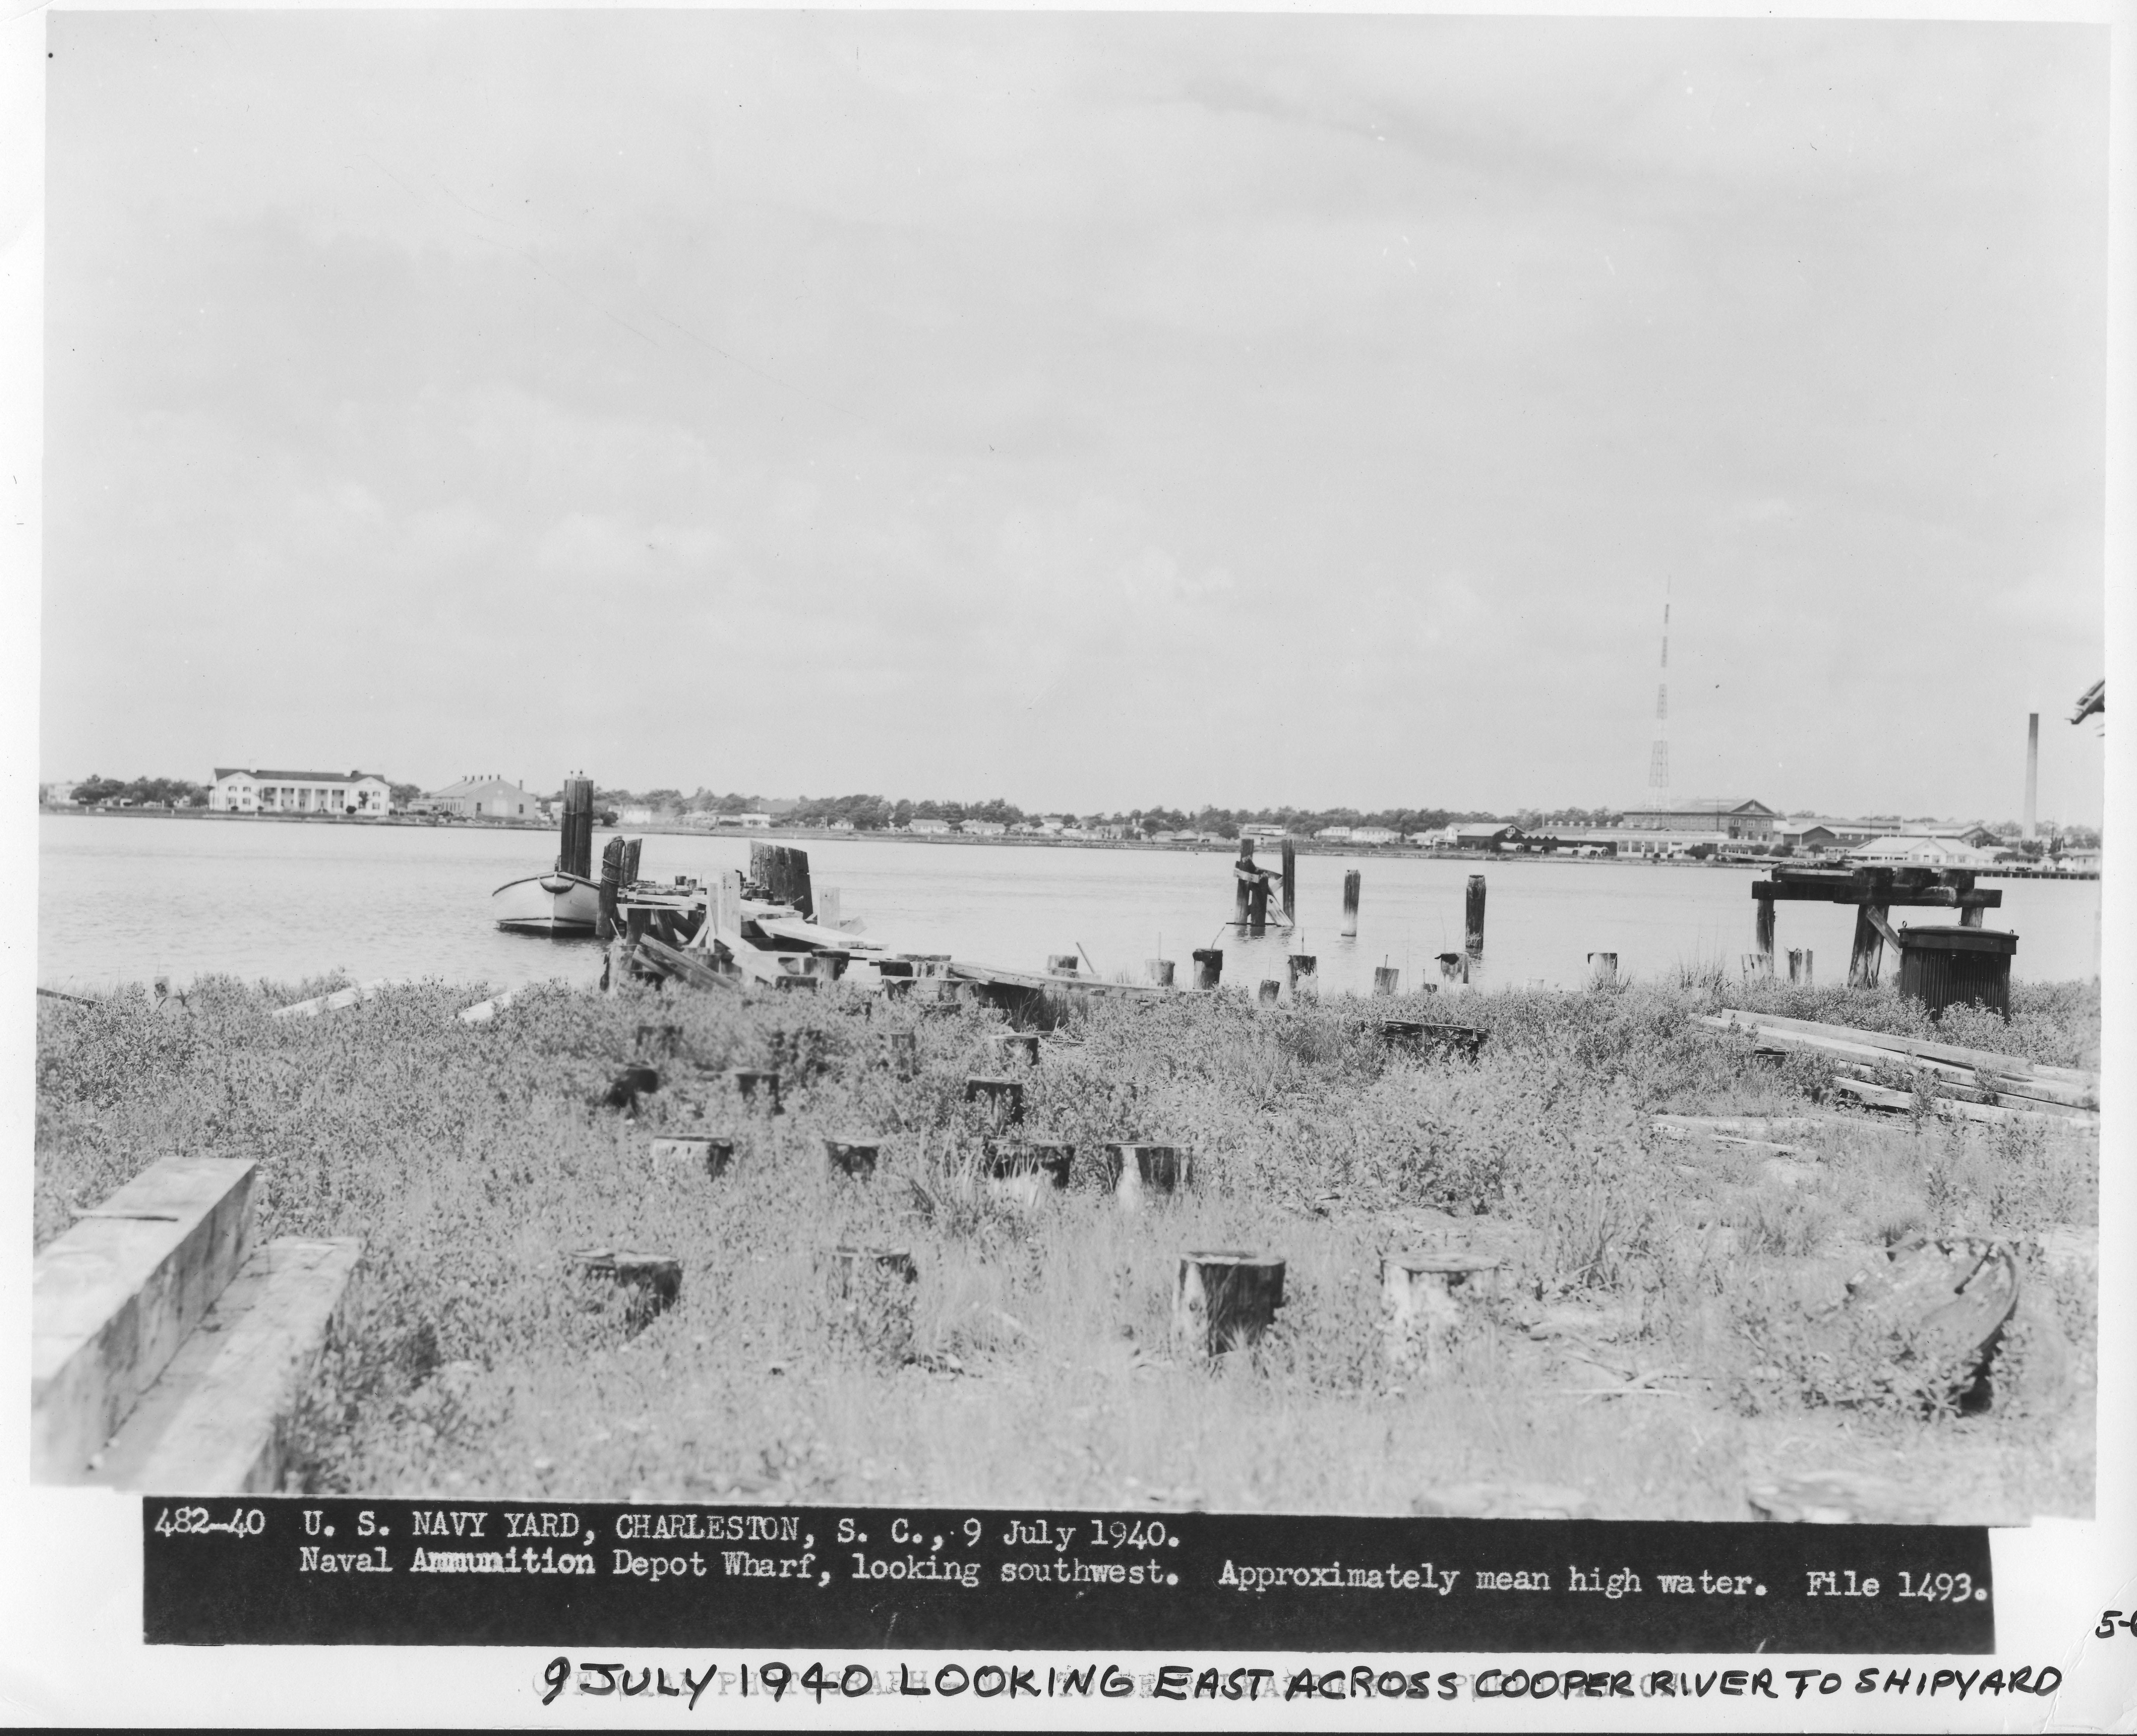 Naval Ammunition Depot Wharf